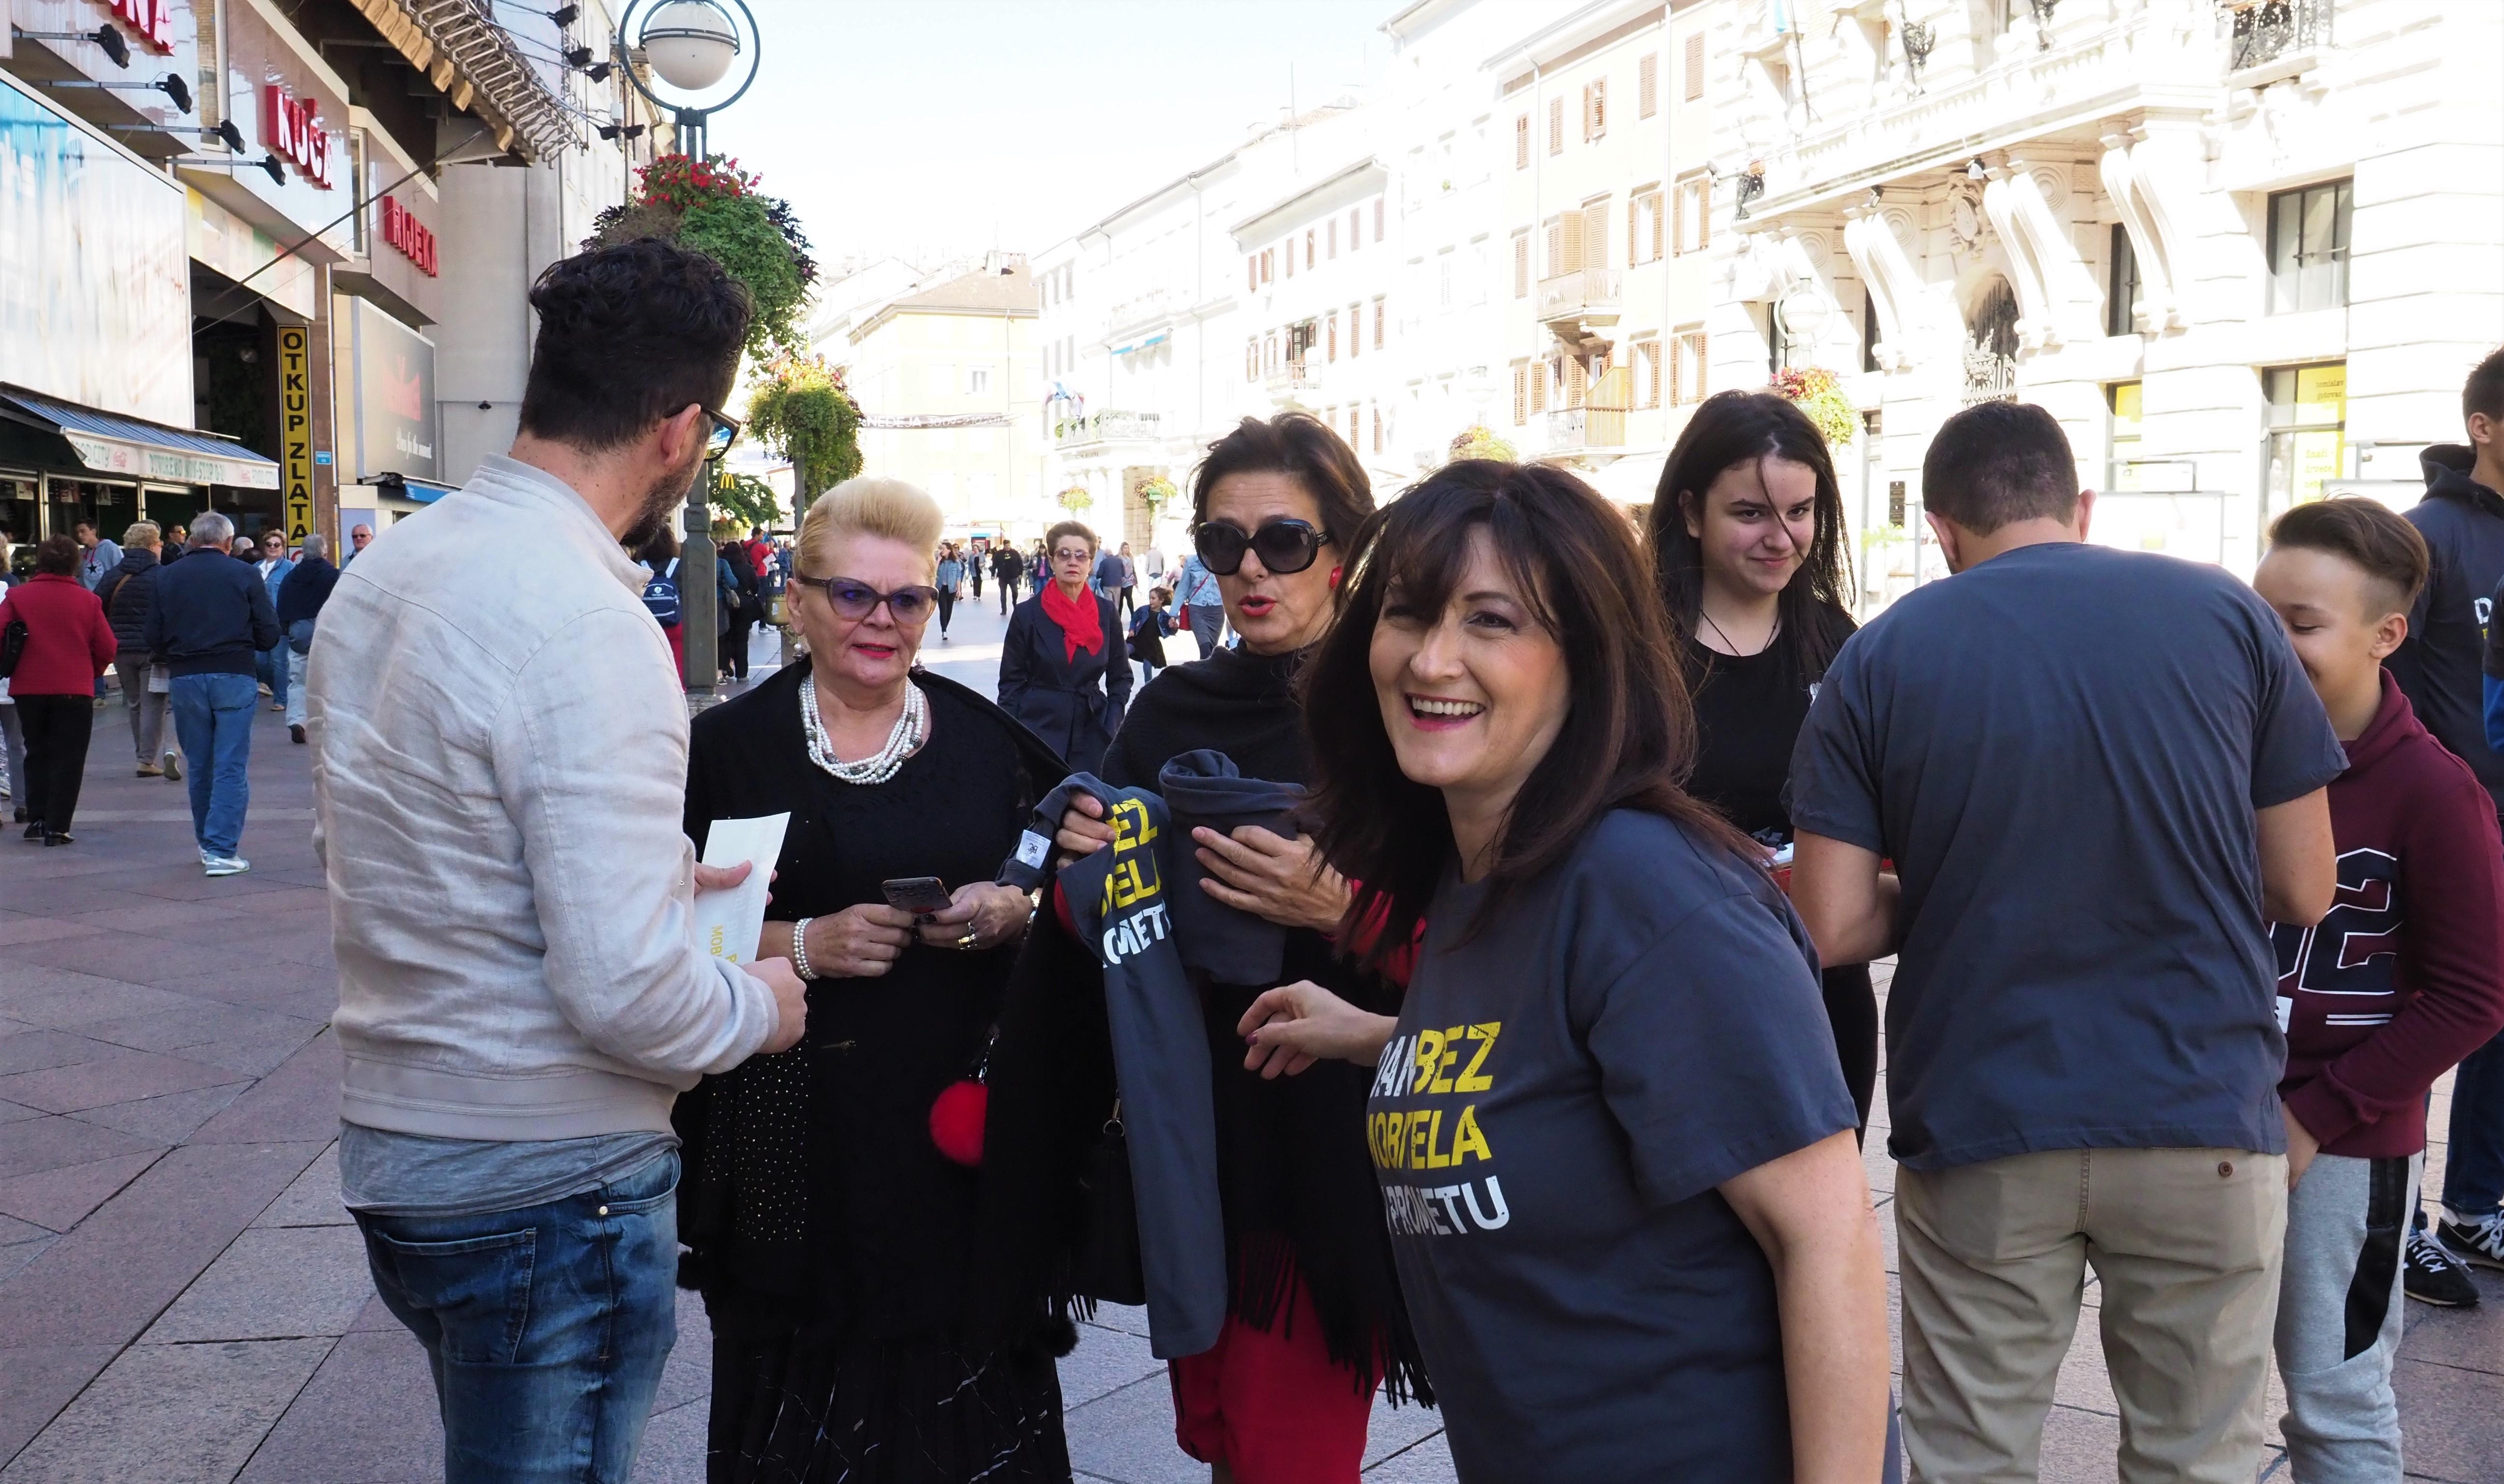 Dan bez mobitela u prometu, Renata Ivanović, kampanja, mobitel, nesreća, Jamin Mekić, Rijeka, aplikacija